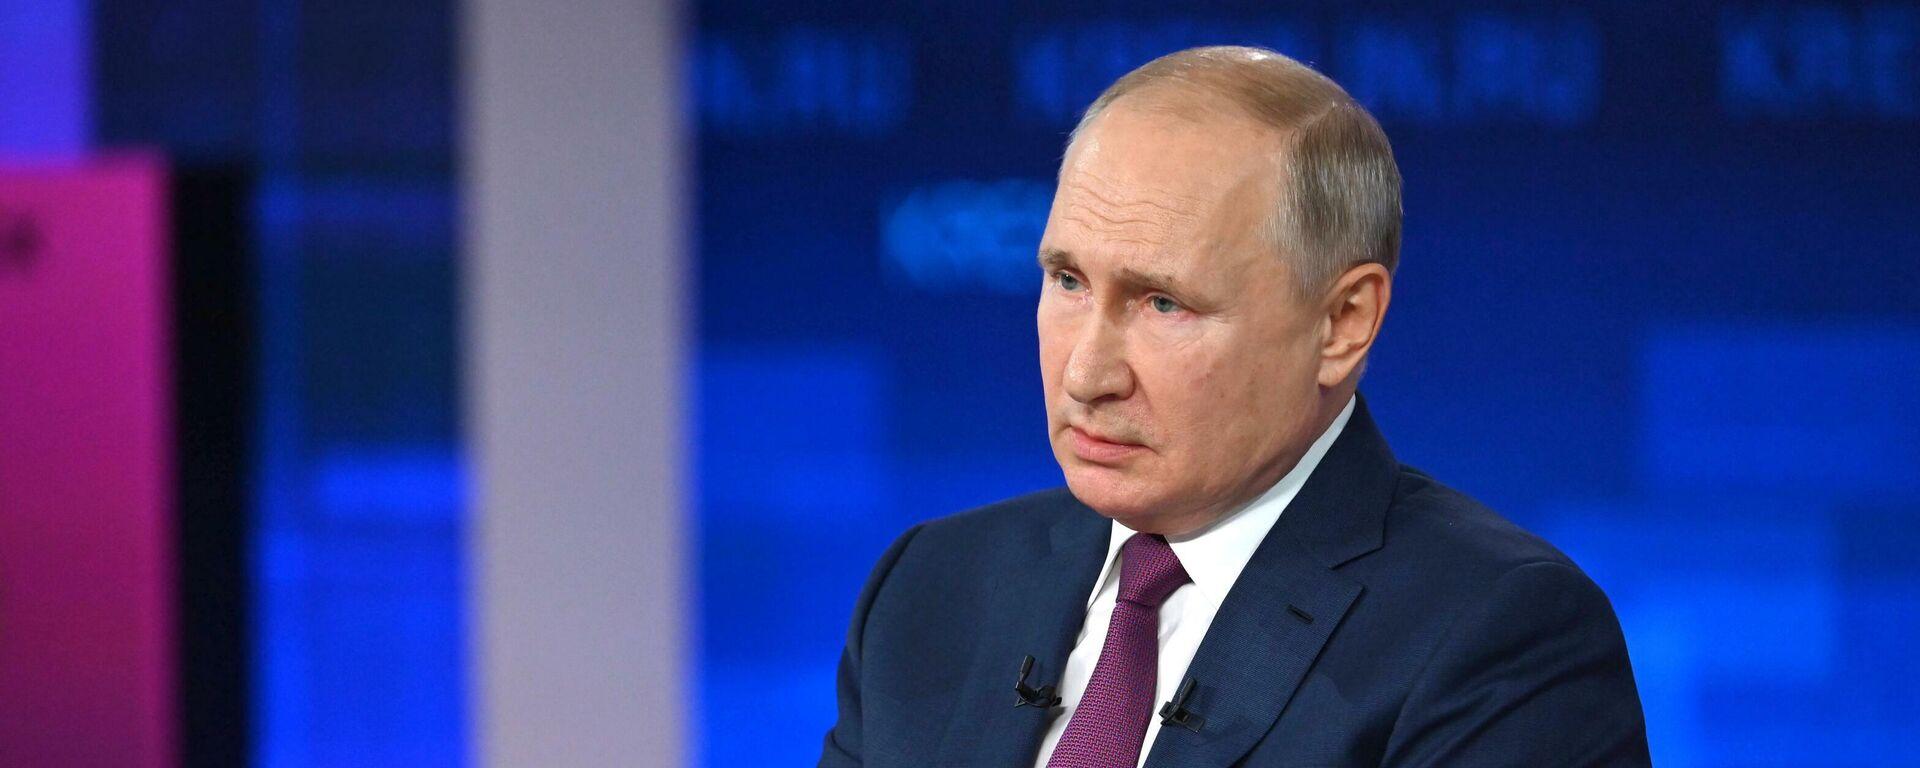 Путин сравнил отношение к русским на Украине с применением оружия массового поражения - Sputnik Таджикистан, 1920, 30.06.2021